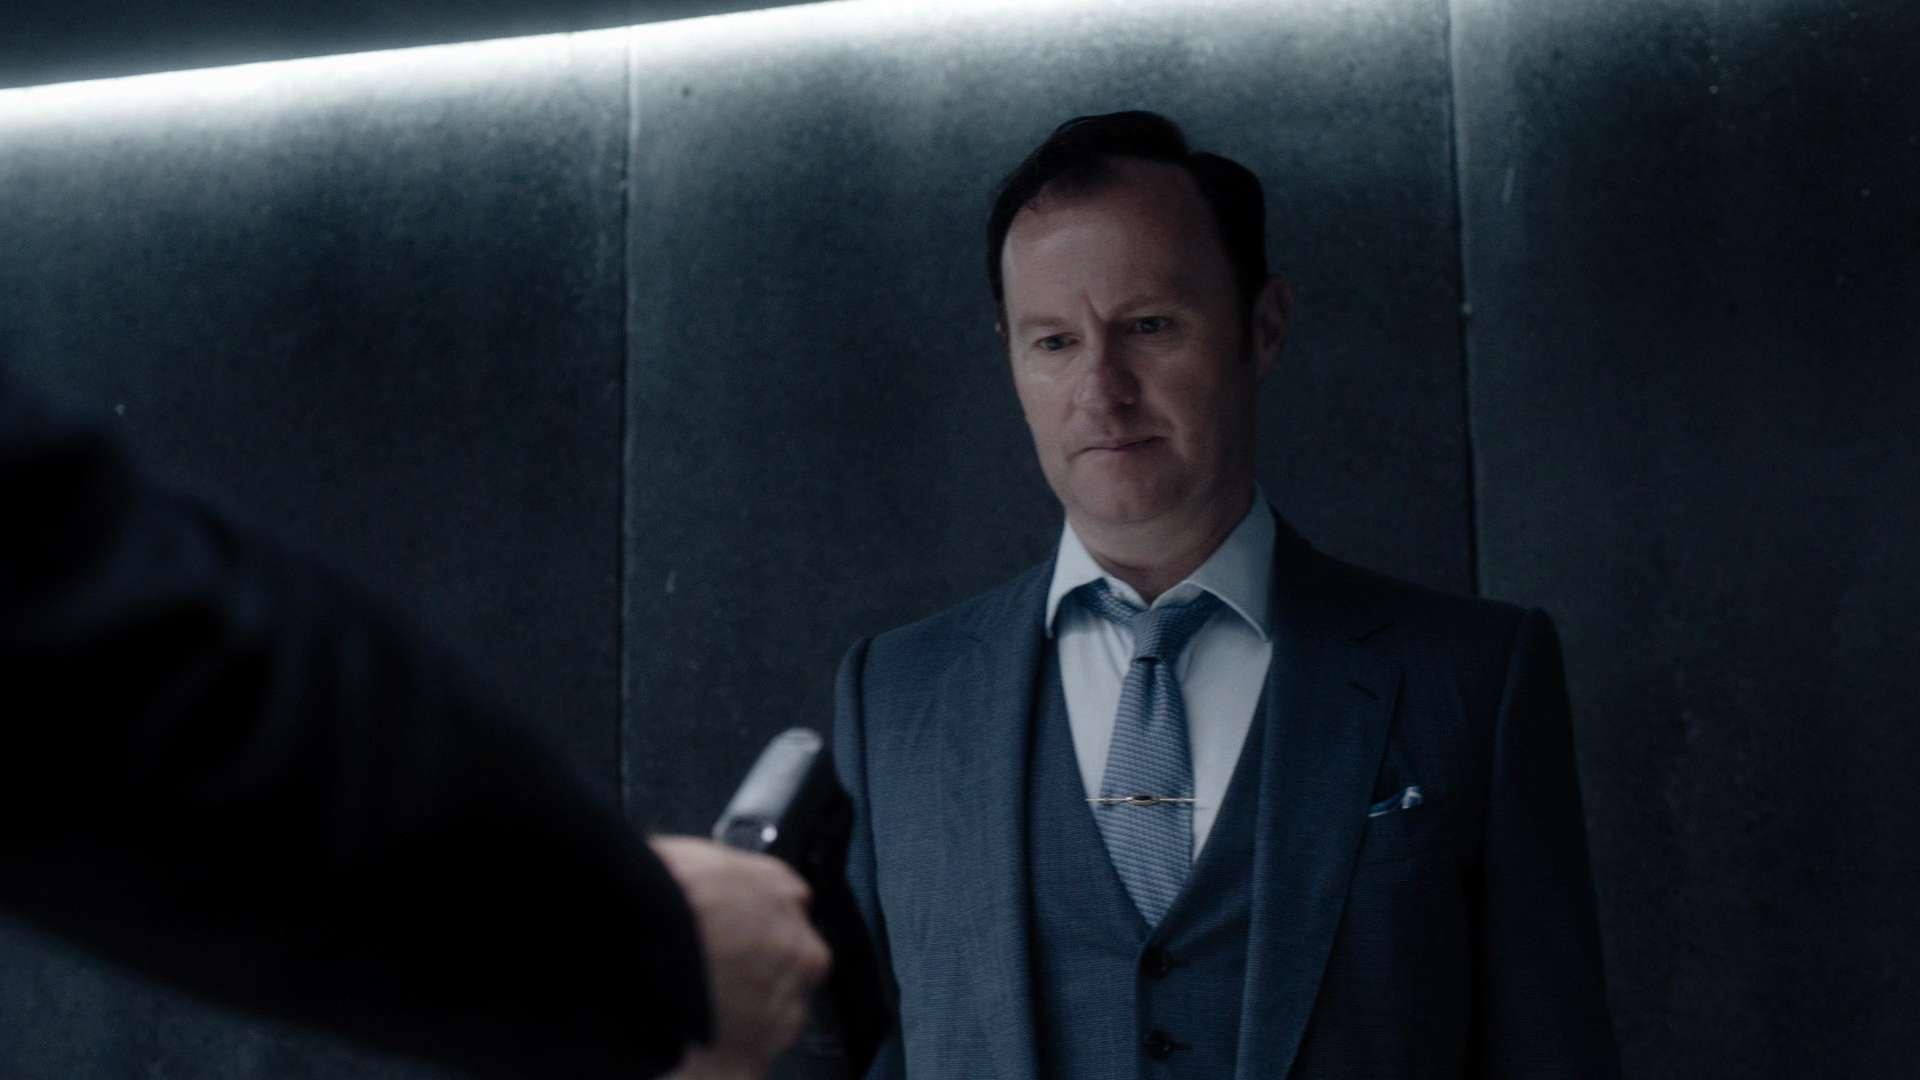 Sherlock s1 1080p Bluray X264